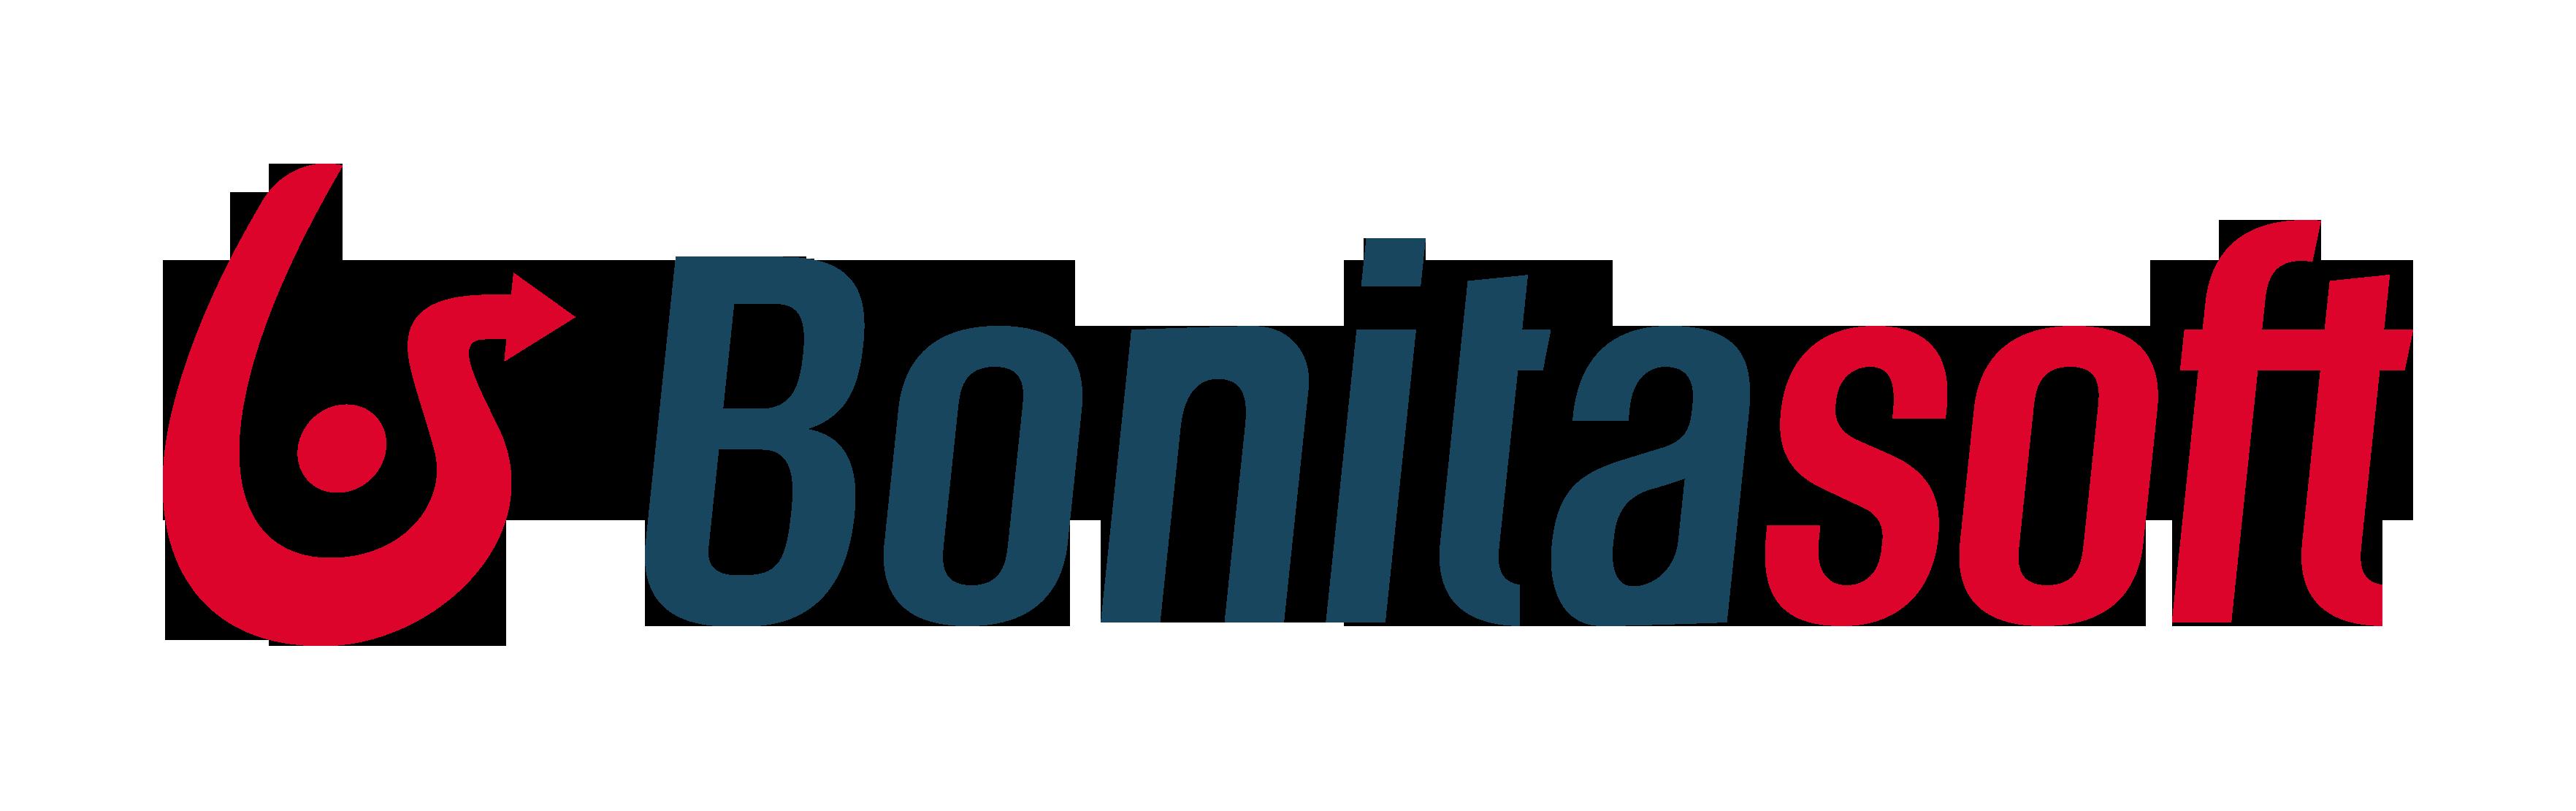 File:Bonitasoft Logo.png - Wikipedia